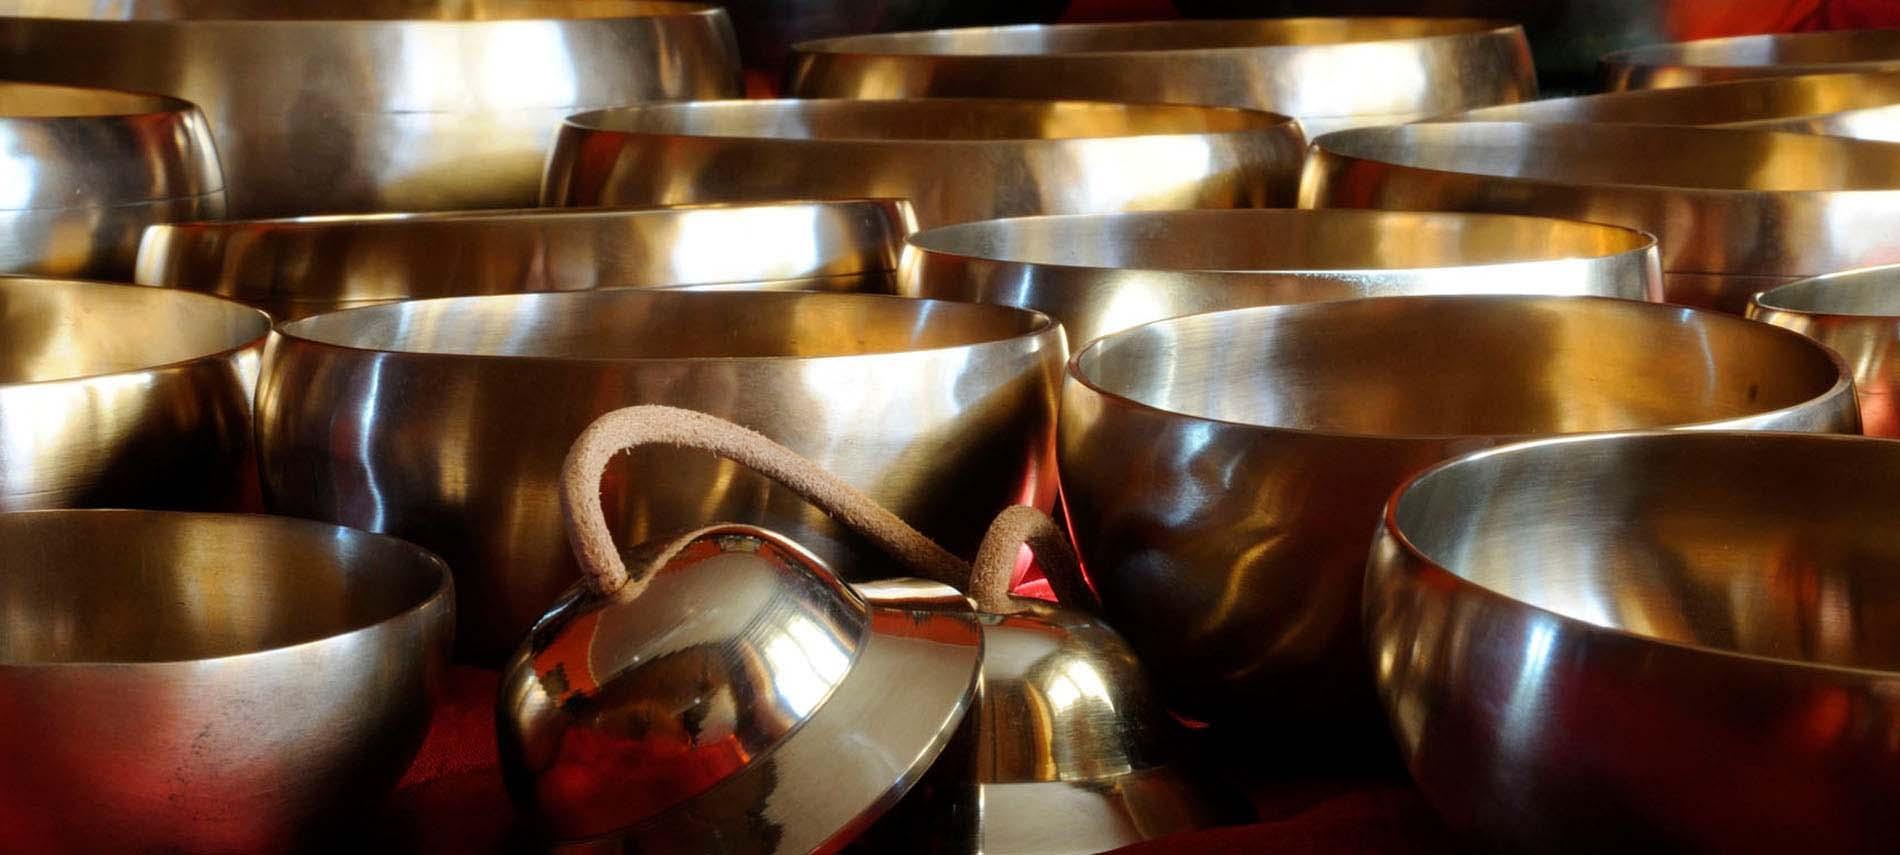 Campane Tibetane Torino: Corsi e Master di Campane Tibetane